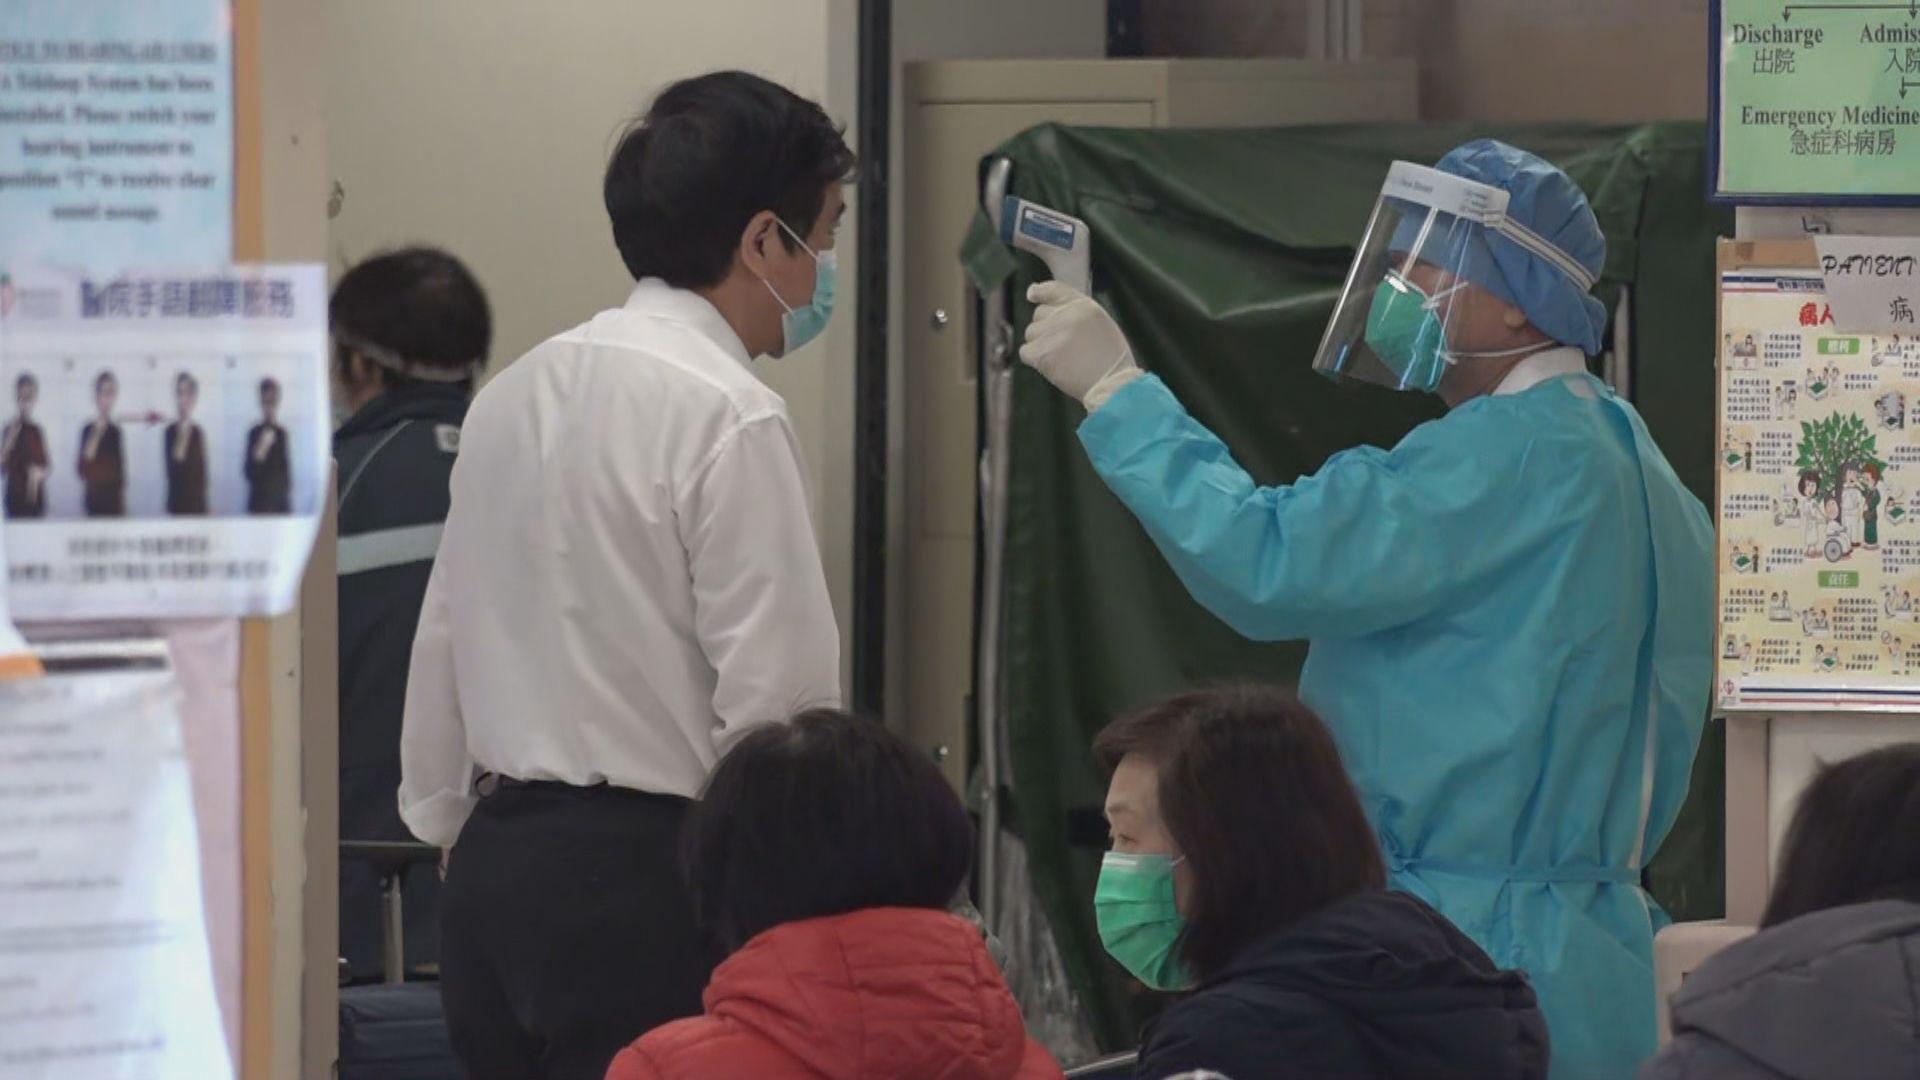 中大醫學院即日起招募三千人研究新冠病毒隱性感染